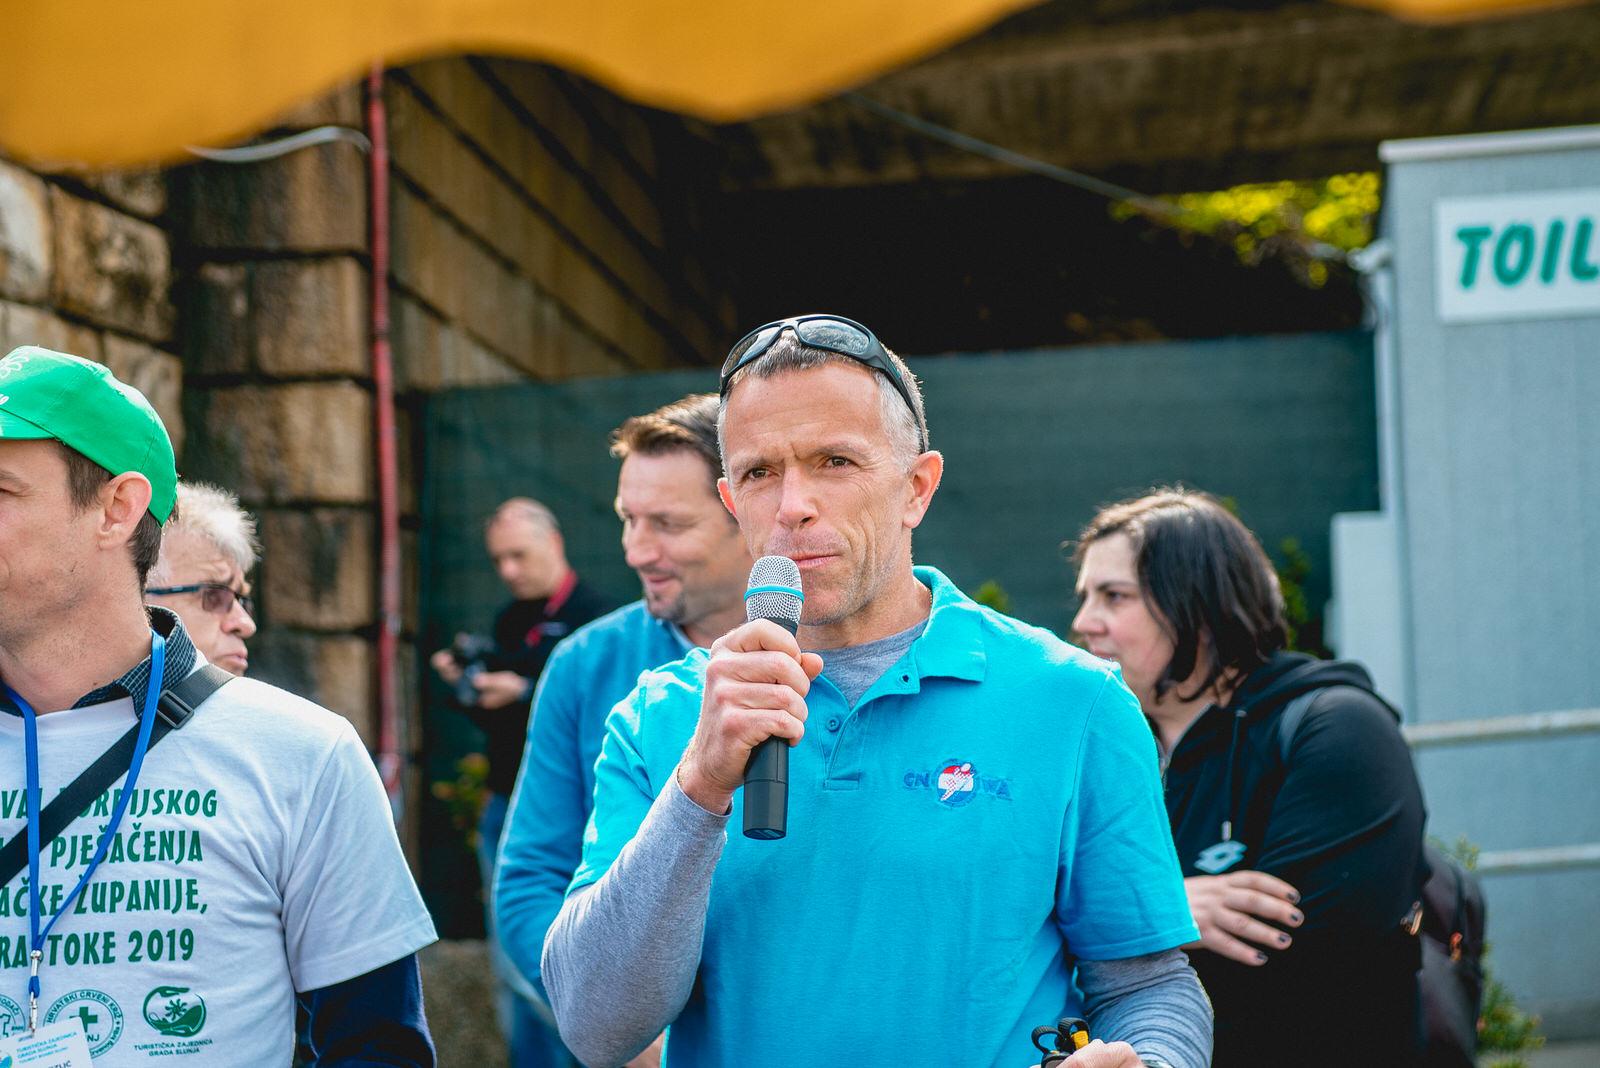 likaclub_slunj_rastoke_5-festival-nordijskog-hodanja_2019-42